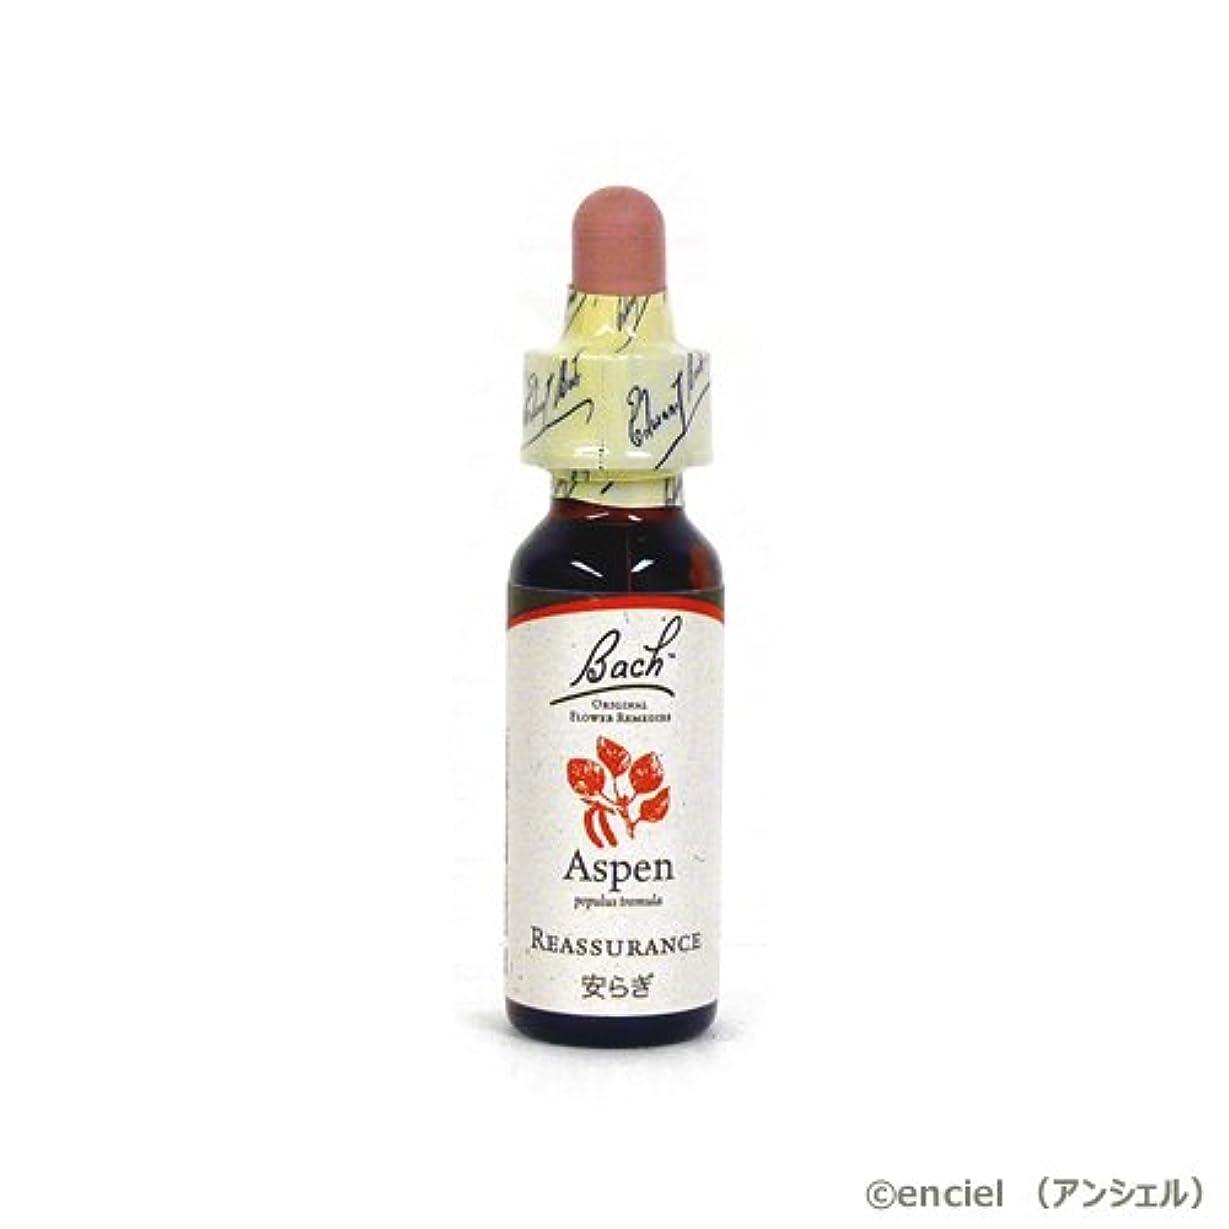 くちばし野生壁紙バッチフラワー レメディ アスペン 10ml グリセリンタイプ 日本国内正規品